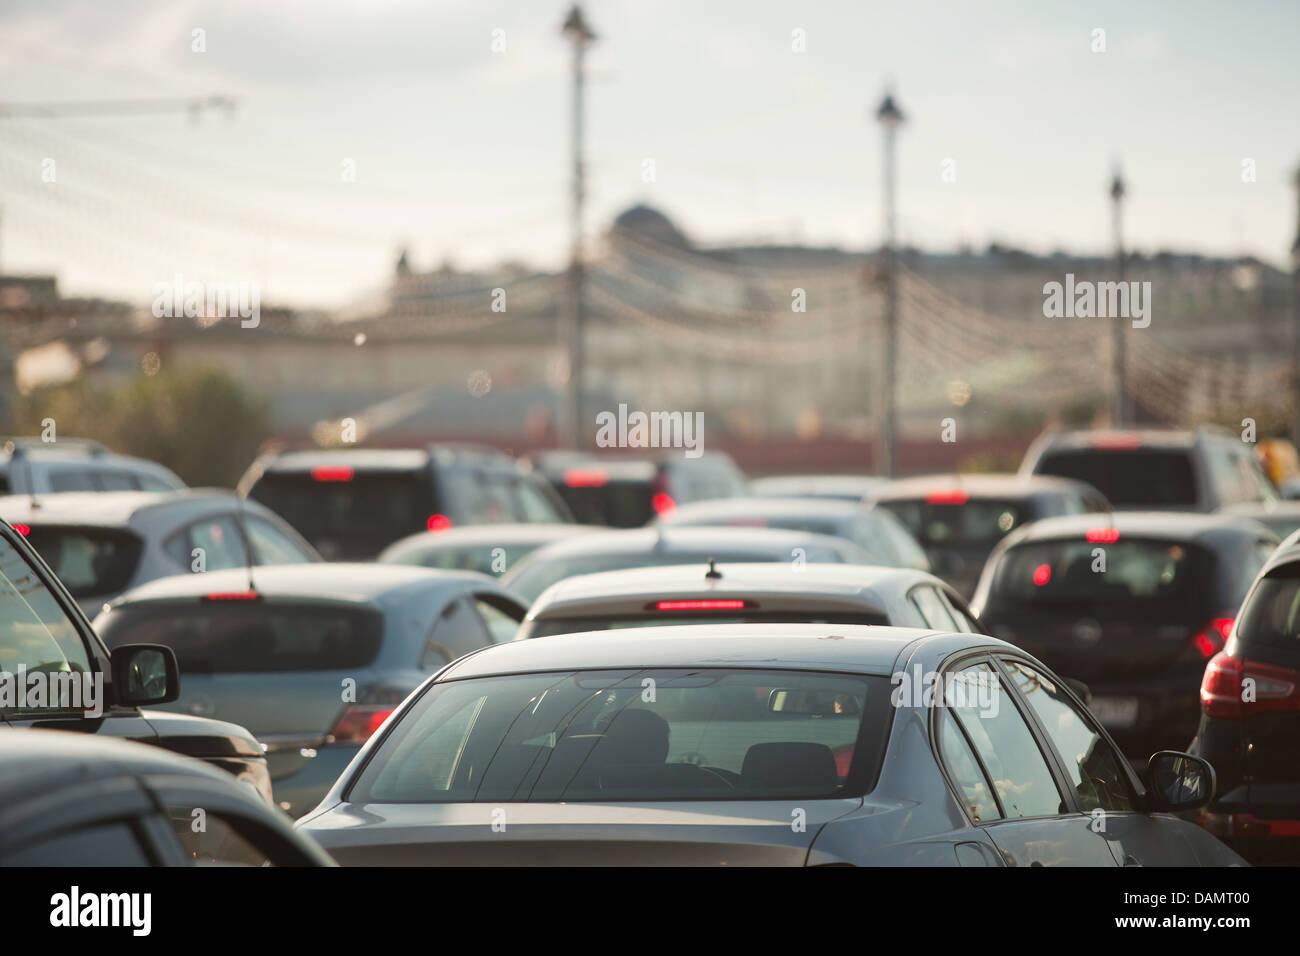 Coches en atascos de tráfico en una ciudad durante la hora punta Imagen De Stock